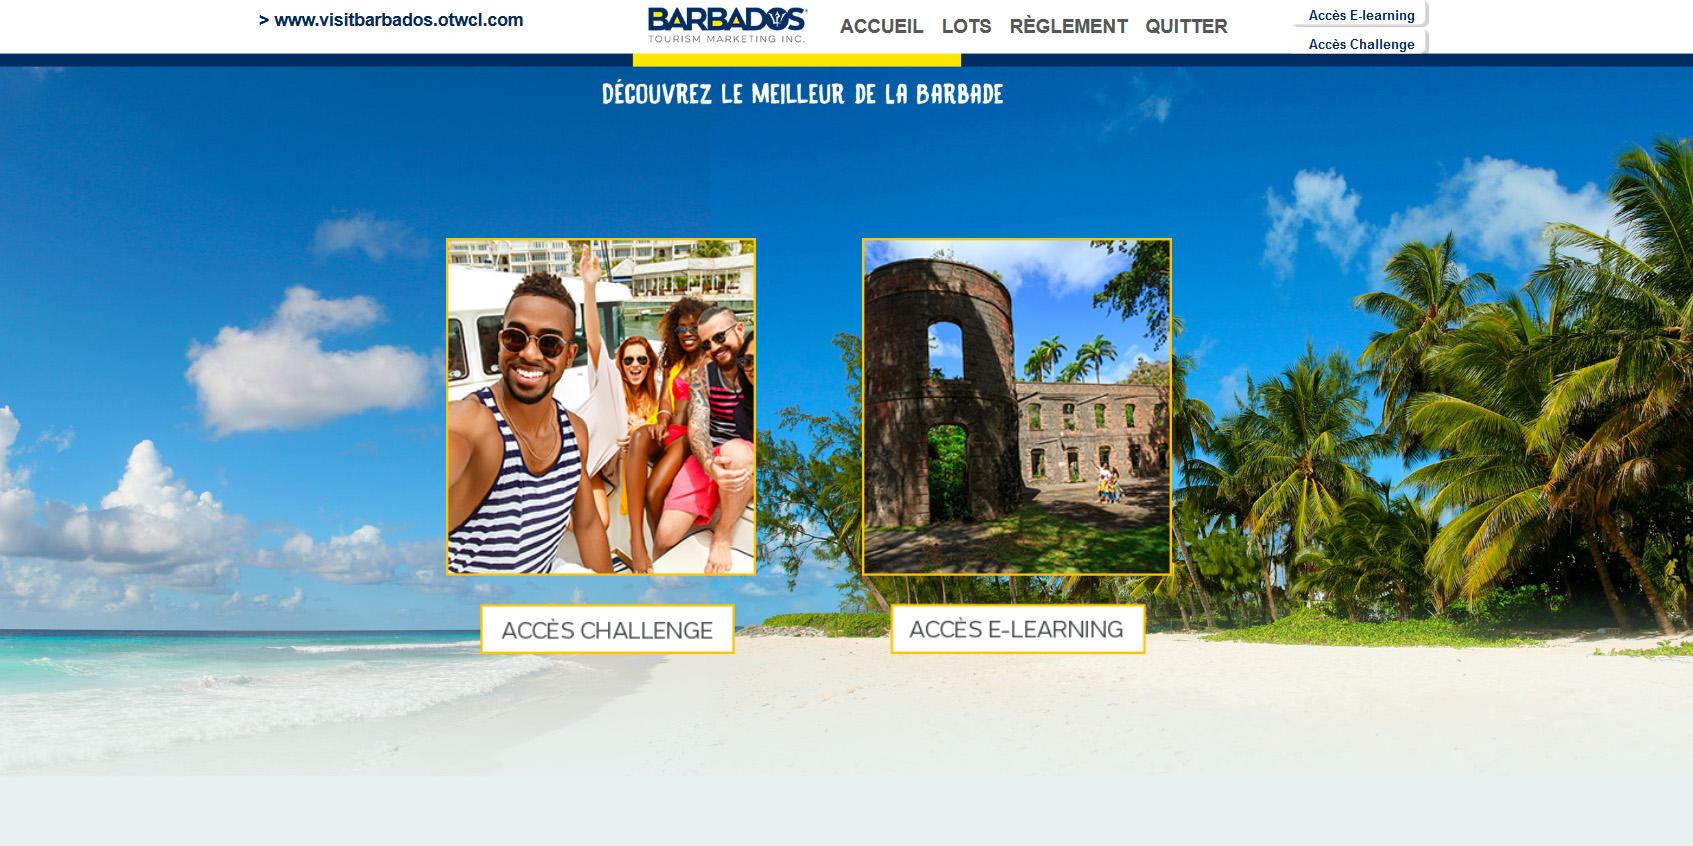 L'E-learning de l'Office de Tourisme de la Barbade - DR